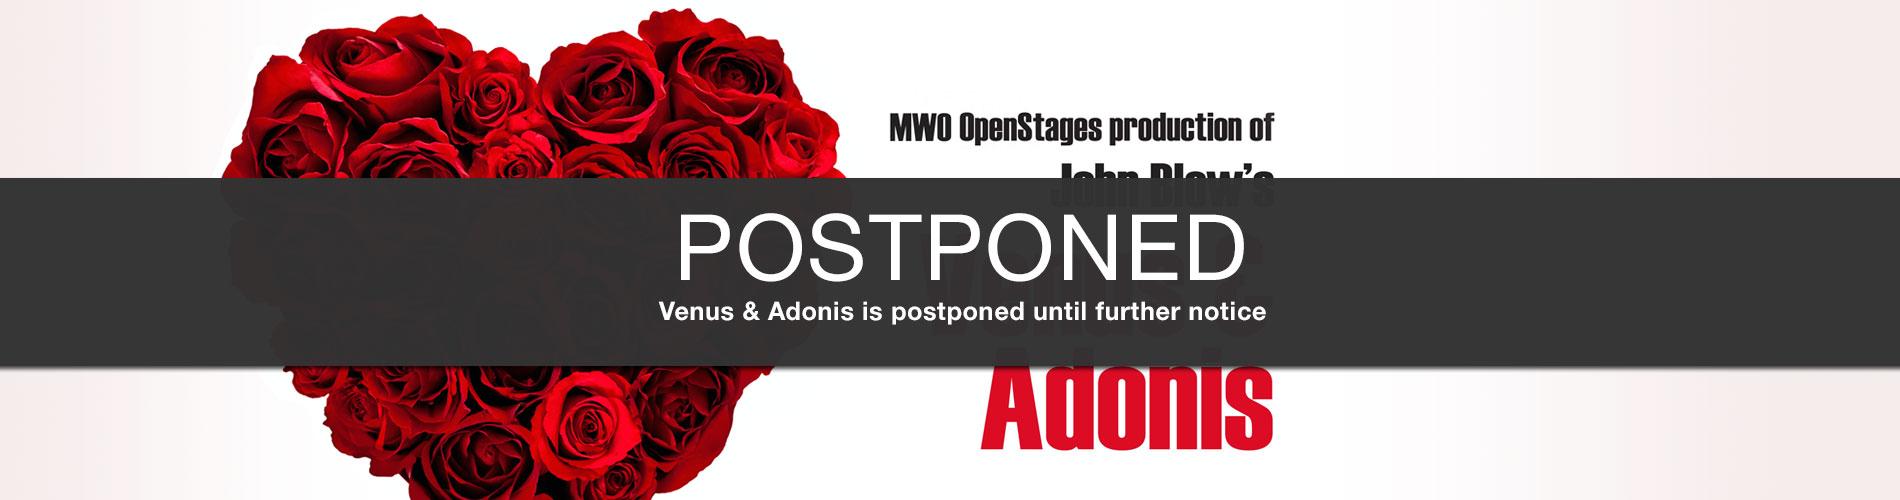 Venus & Adonis is postponed until further notice